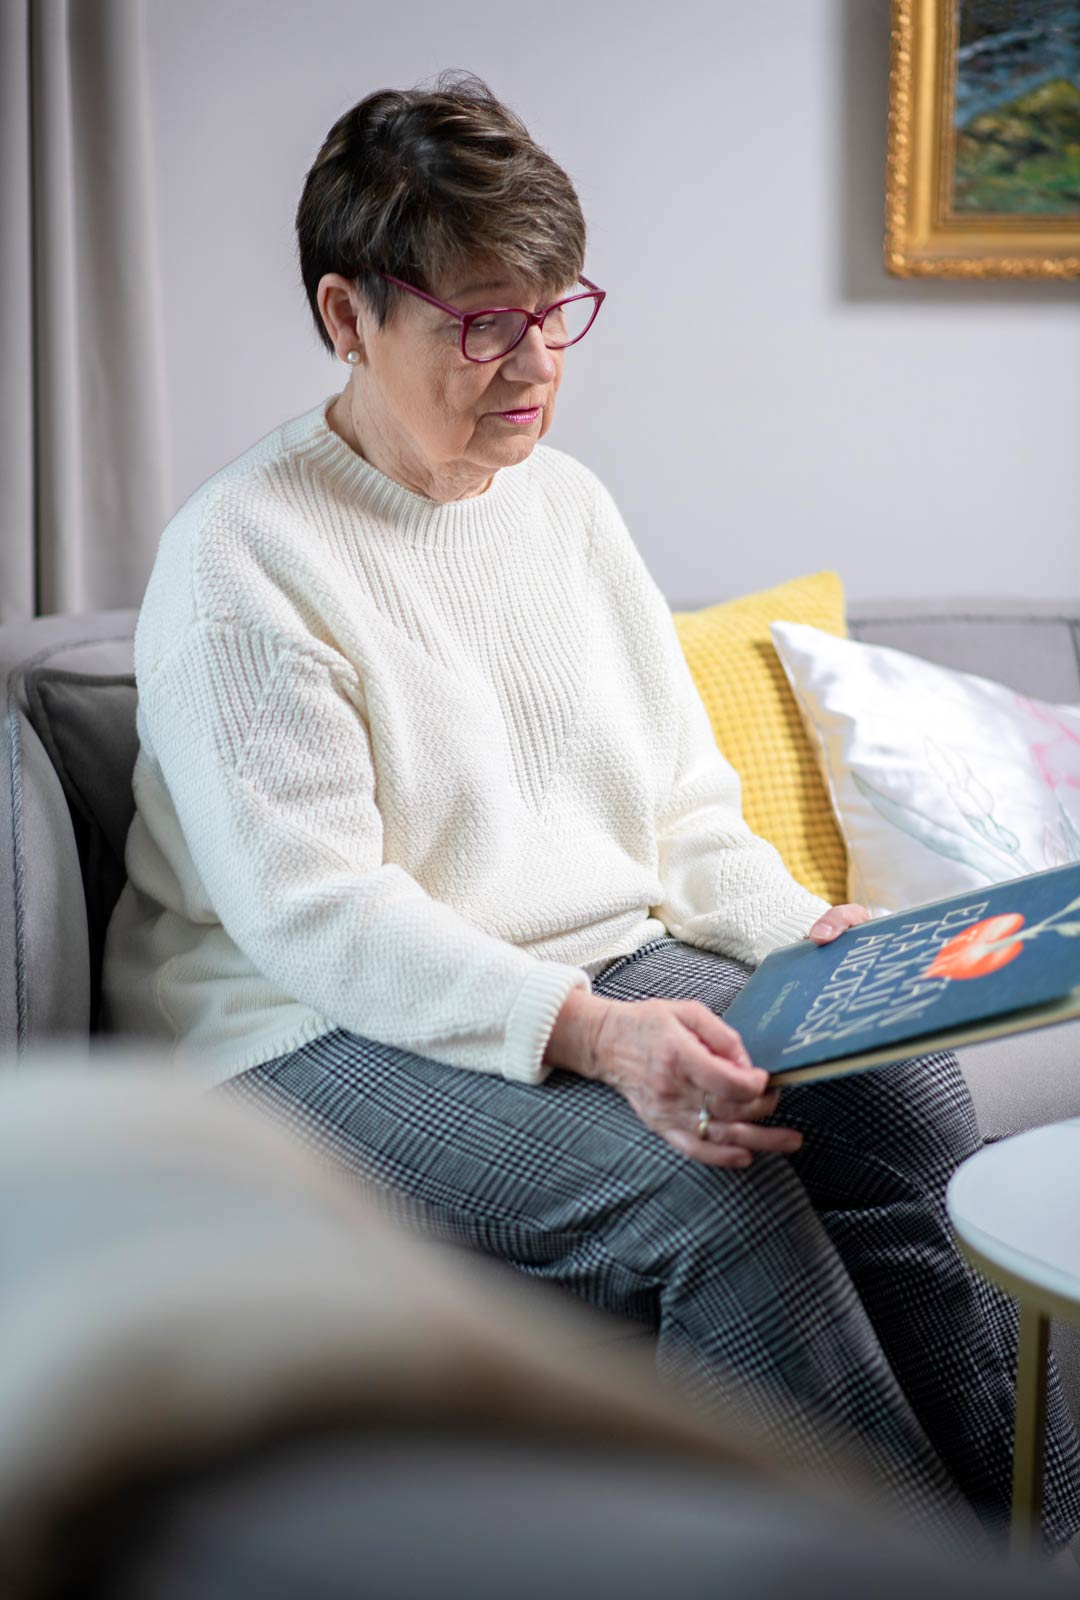 Marja Toivanen perehtyi aikuisena Suomen vaiheisiin historiankirjoituksen kautta ja onnistui täyttämään perhehistoriansa aukkoja.